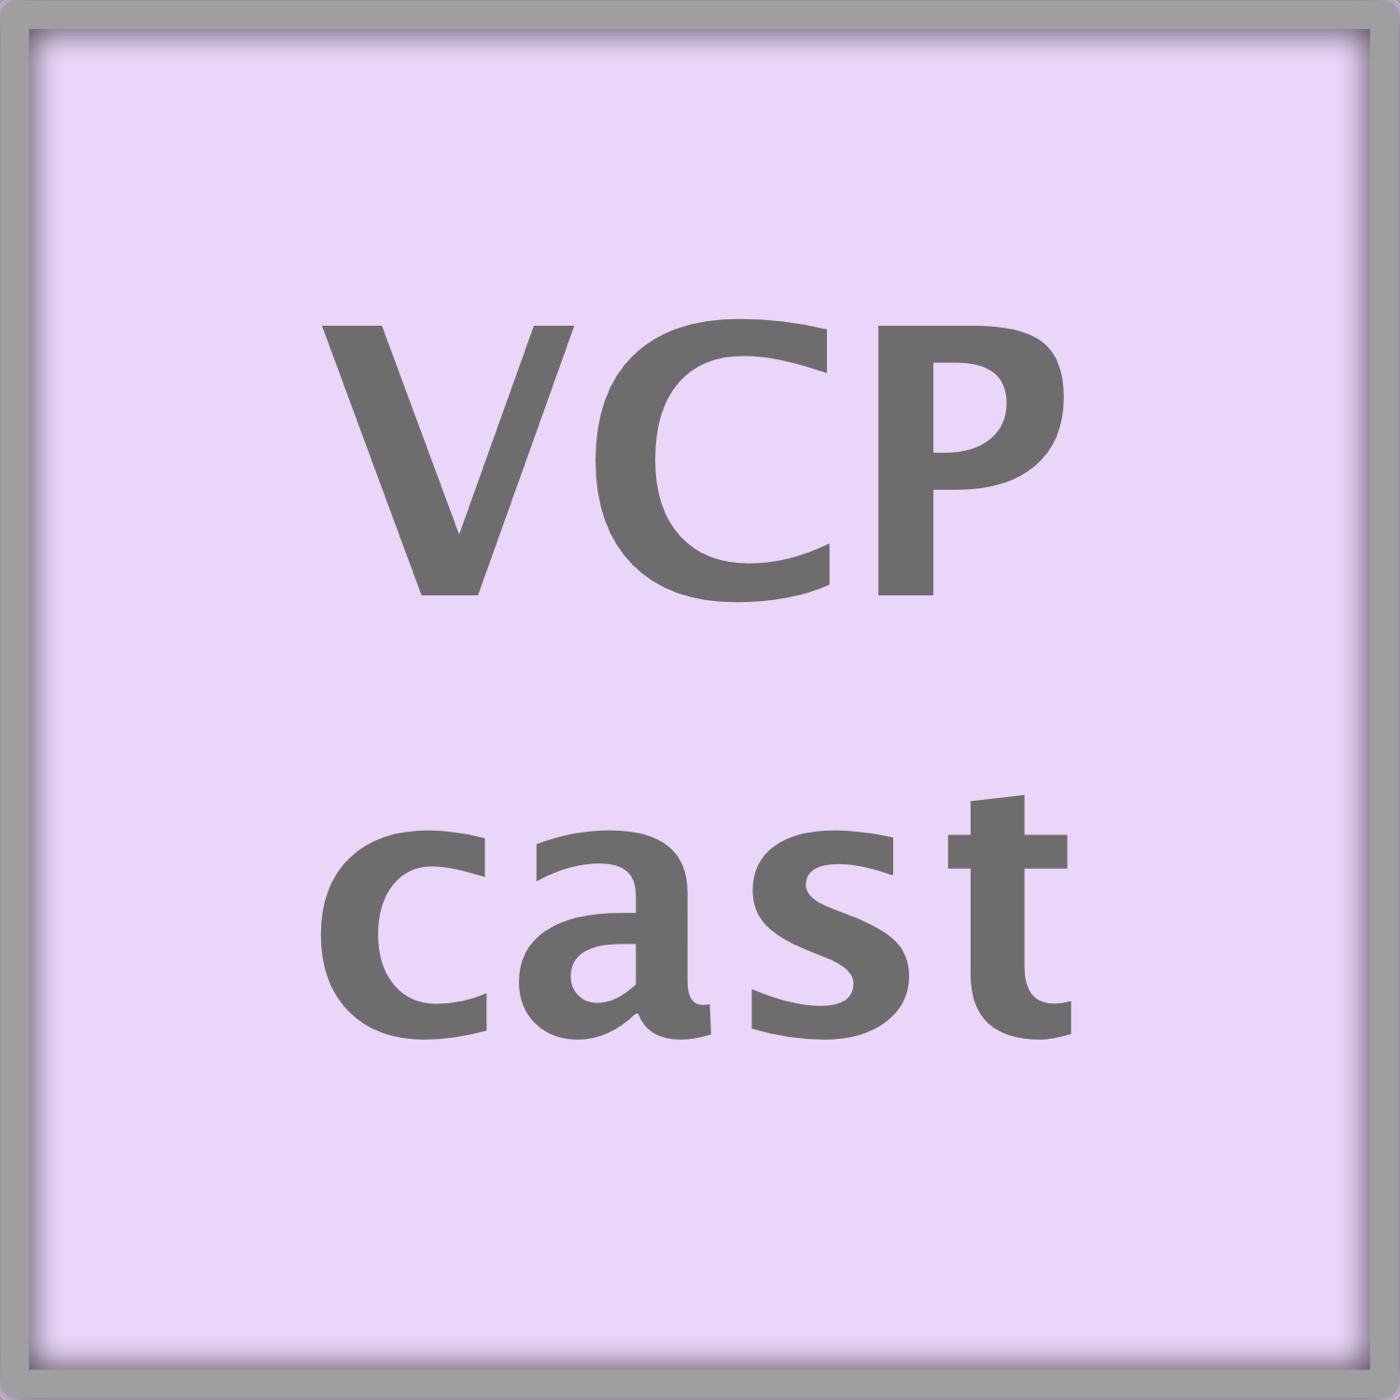 VCPcast